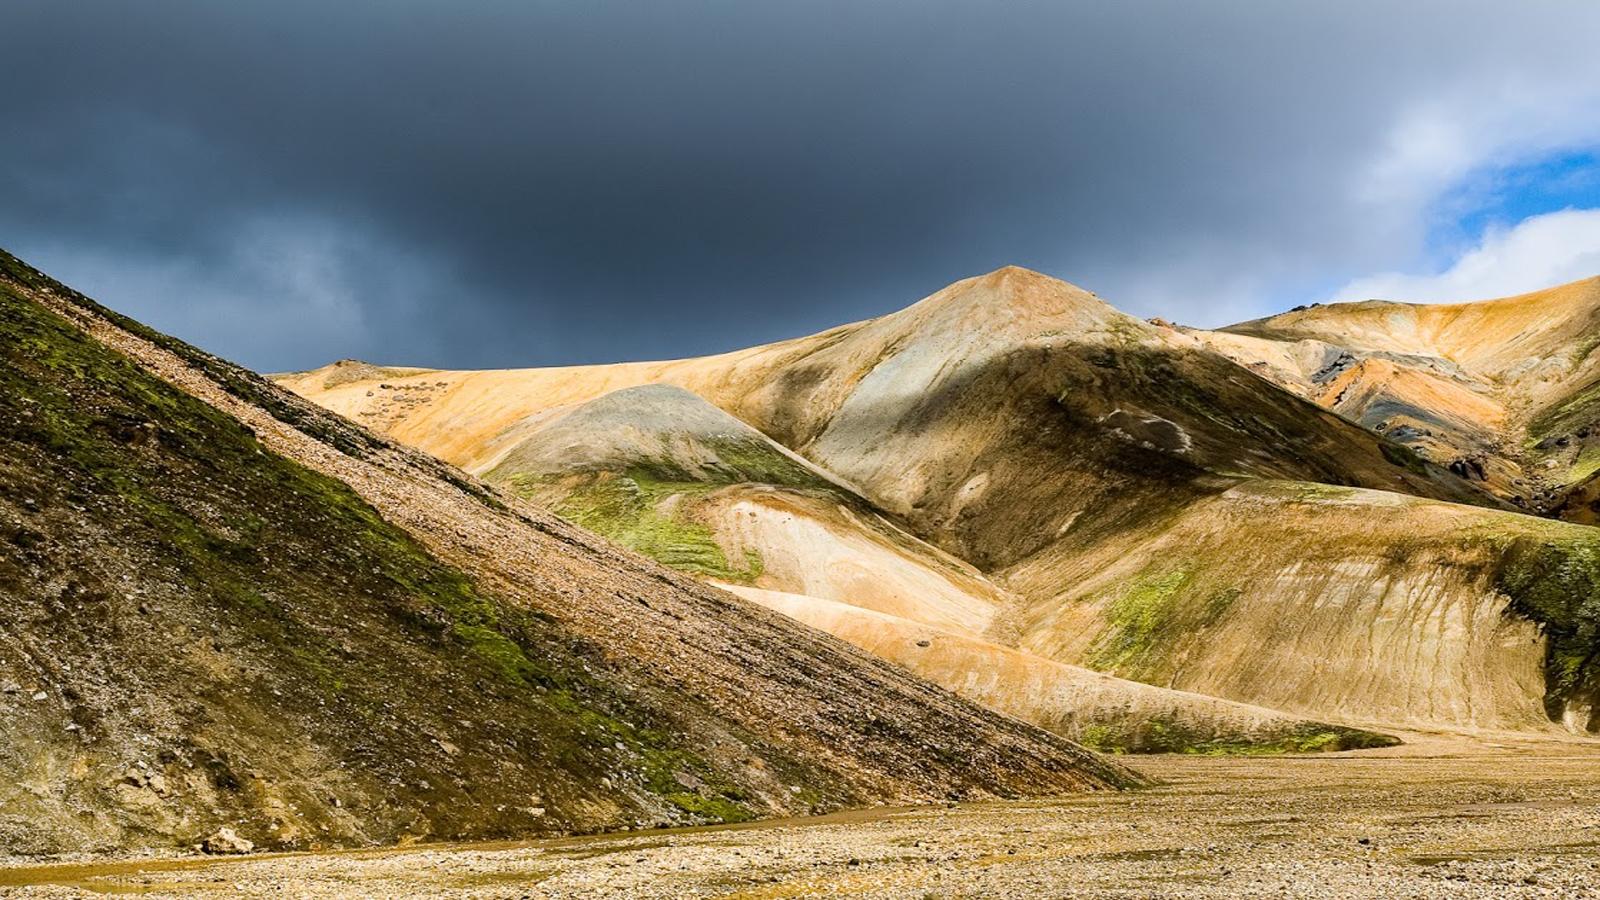 Wallpaper Proslut: Mountains HD Widescreen High Res